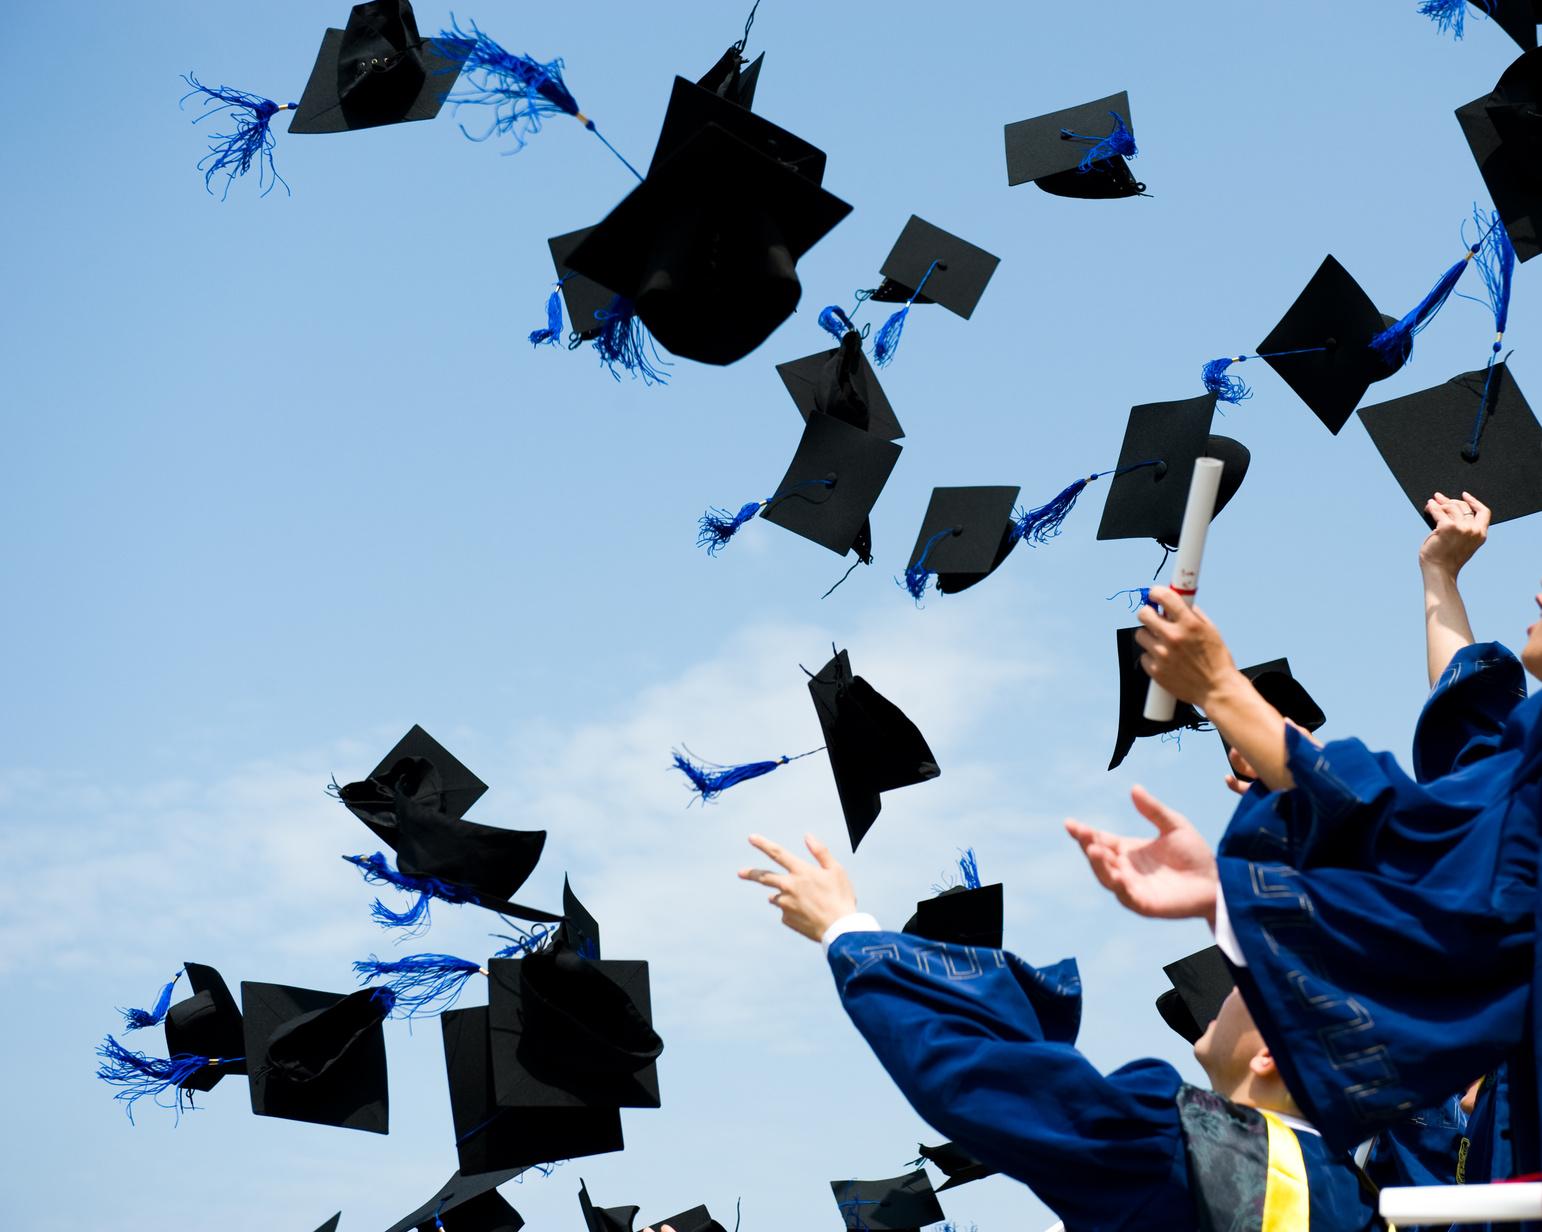 В сотый раз убедились, что кроме высшего образования нужно иметь хотя бы среднюю сообразительность... :)